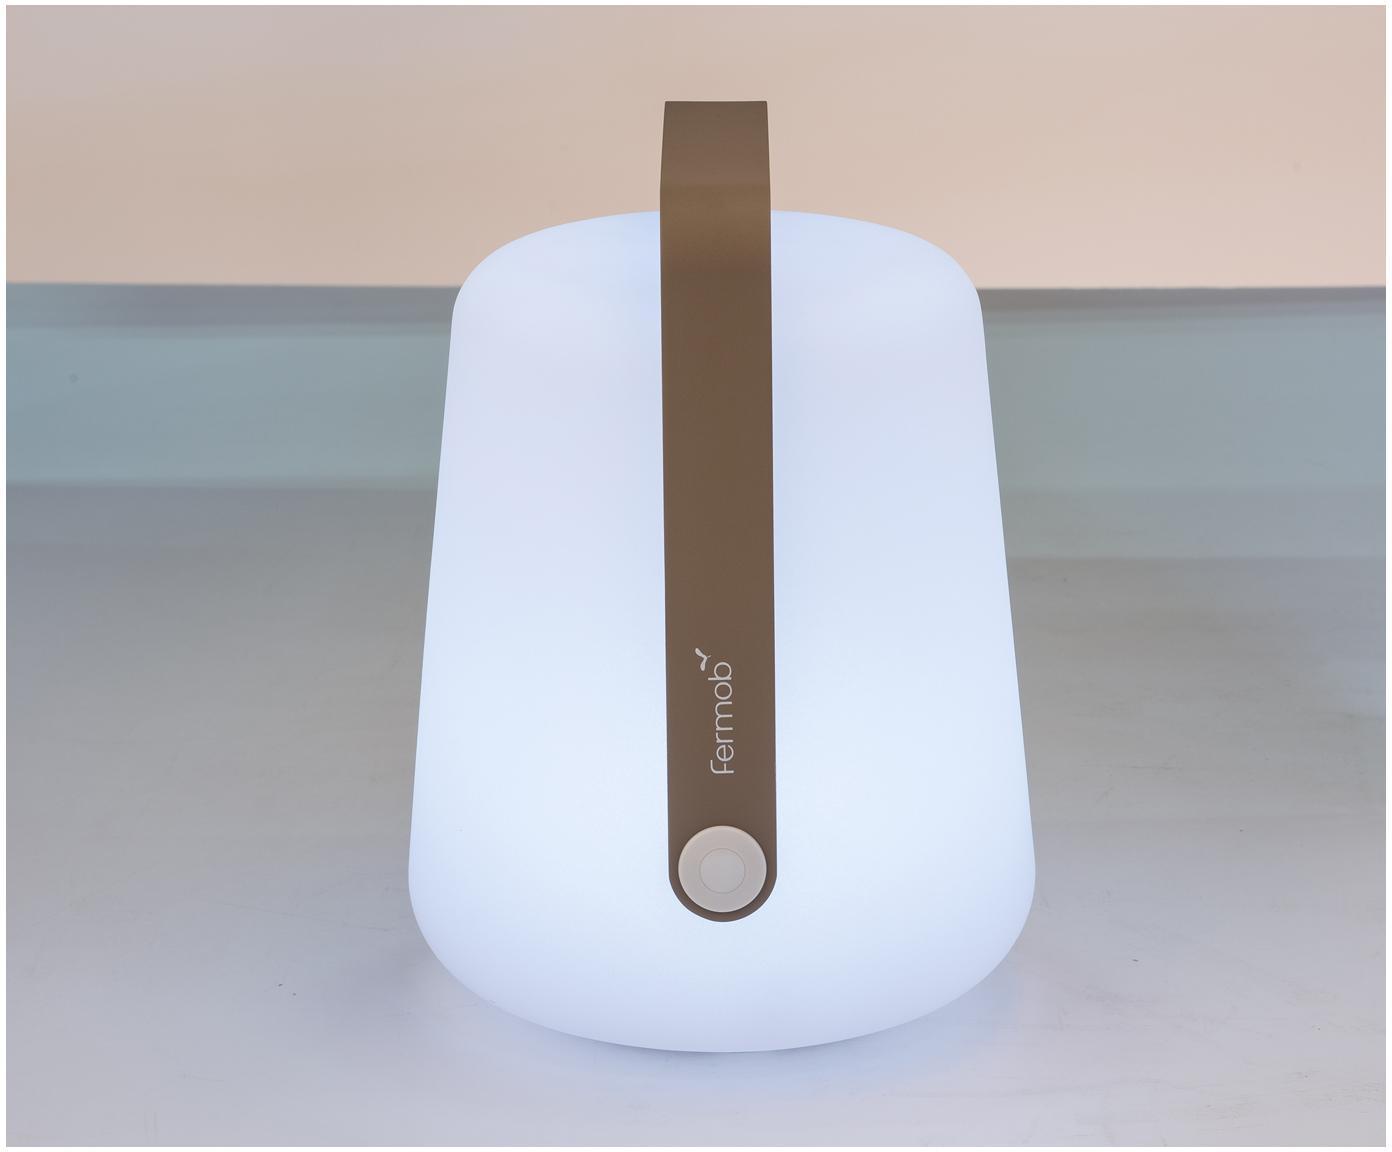 Zewnętrzna mobilna lampa LED Balad, Gałka muszkatołowa, Ø 19 x W 25 cm